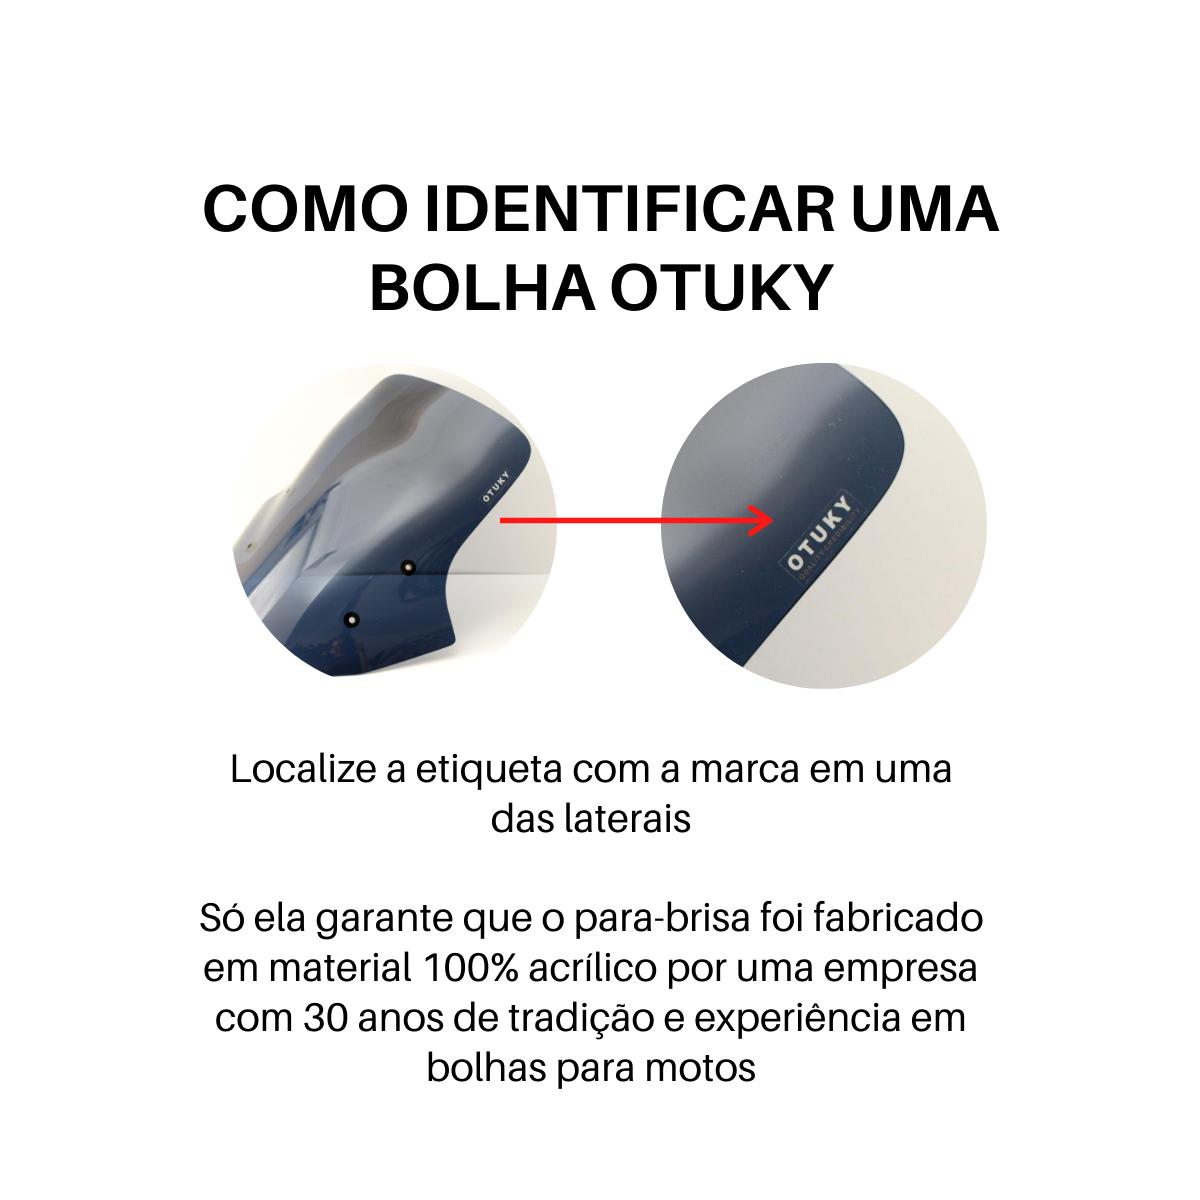 Bolha para Moto PCX 125 150 2013 Até 2018 Otuky Padrão Amarelo